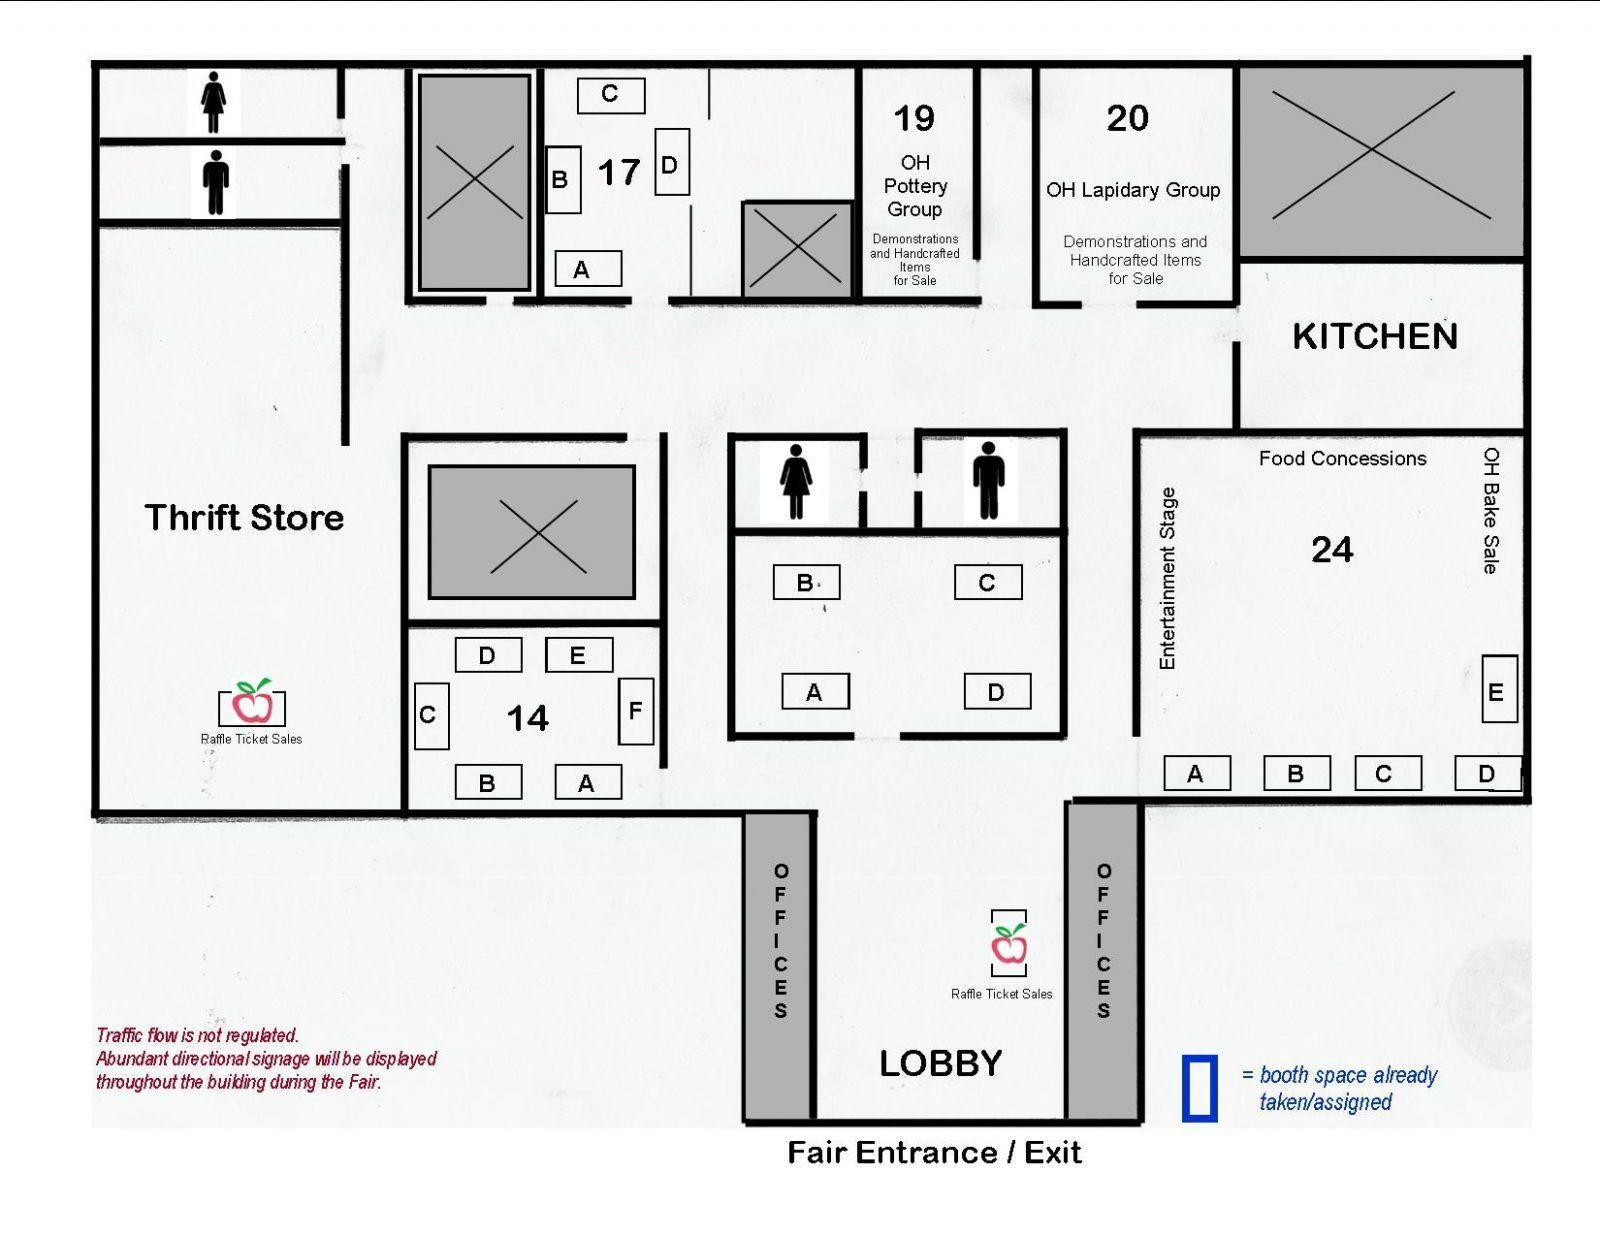 top bathroom sink plumbing diagram wallpaper-New Bathroom Sink Plumbing Diagram Model